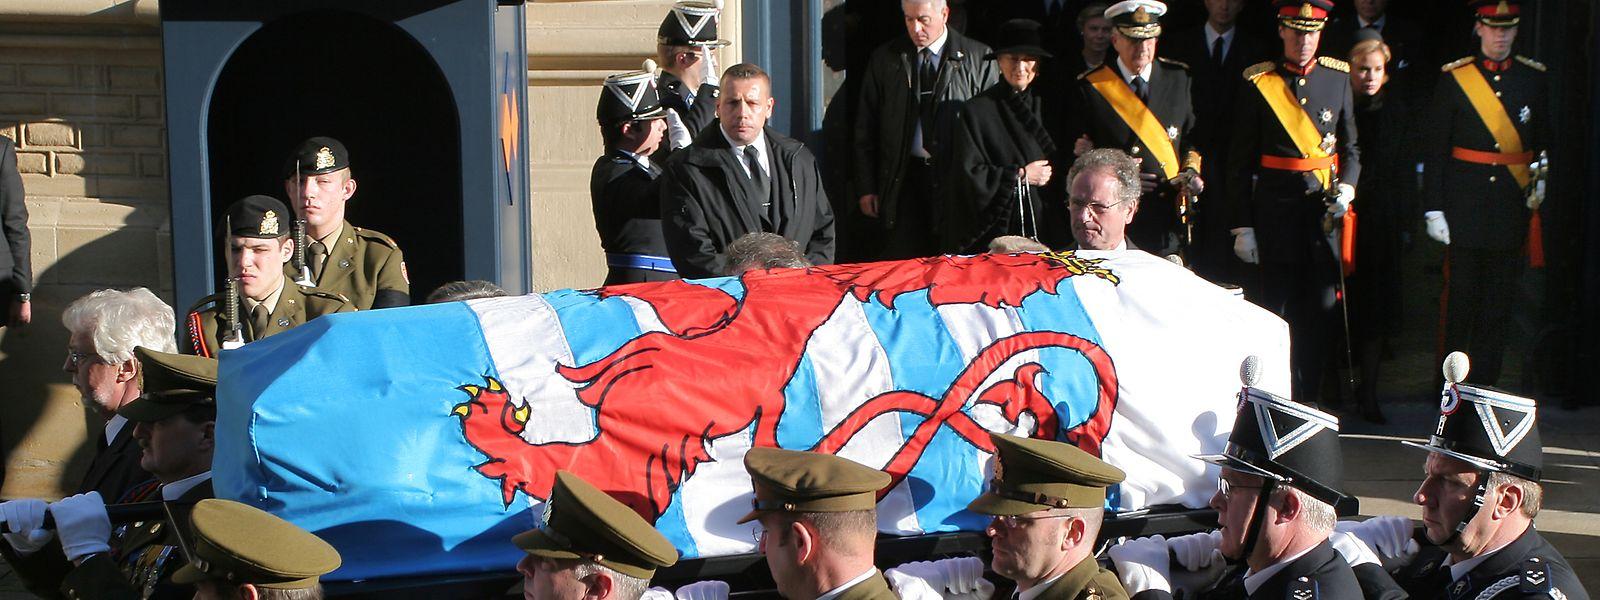 Das Staatsbegräbnis von Großherzogin Joséphine-Charlotte im Jahr 2005.